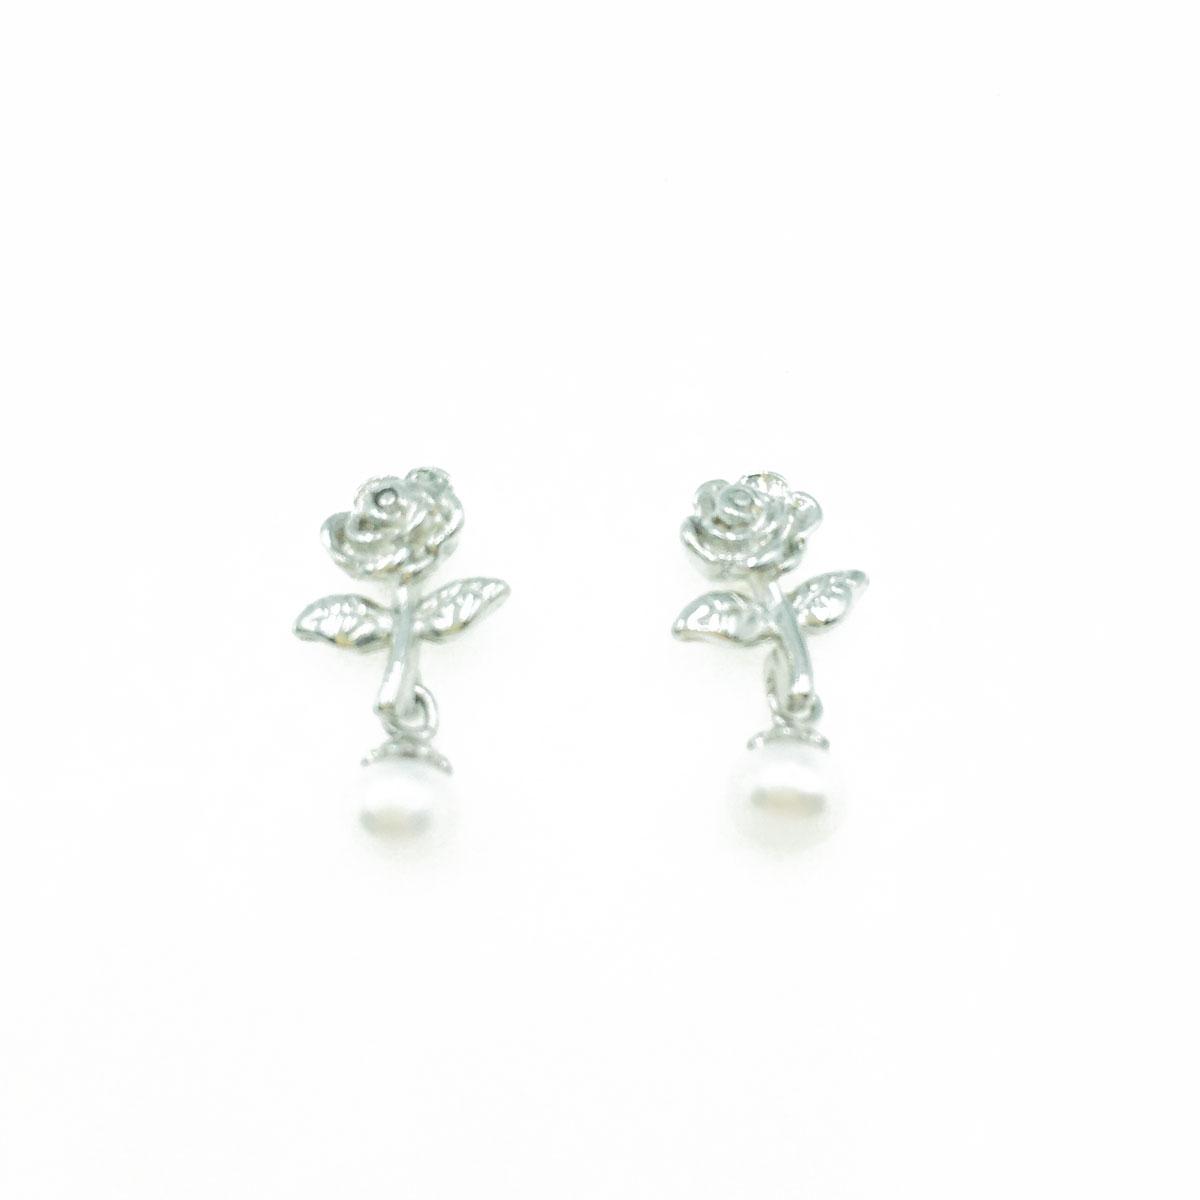 韓國 抗敏電鍍 玫瑰花 垂墜 珍珠 造型 銀色 耳針式耳環